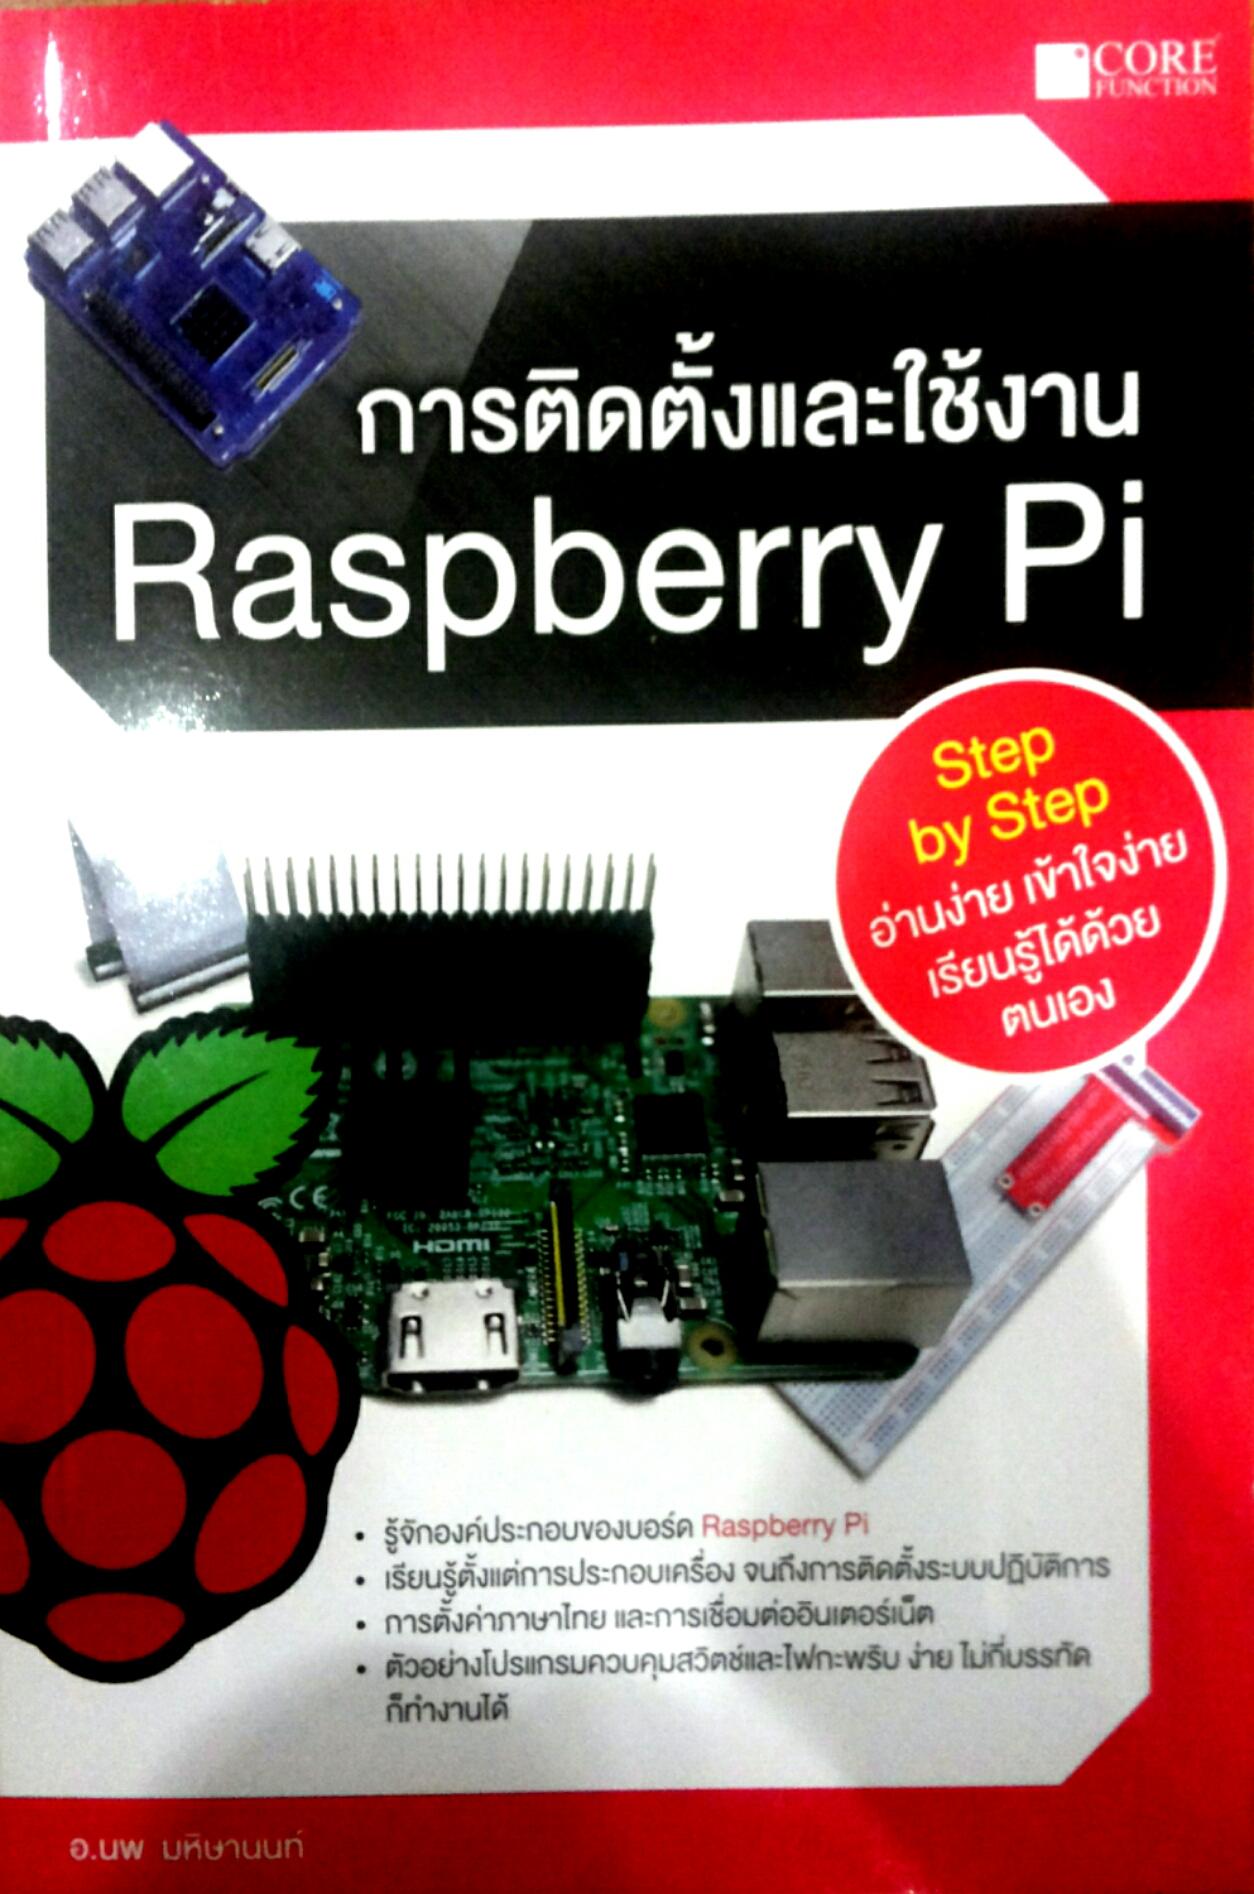 การติดตั้งและใช้งาน Raspberr Pi